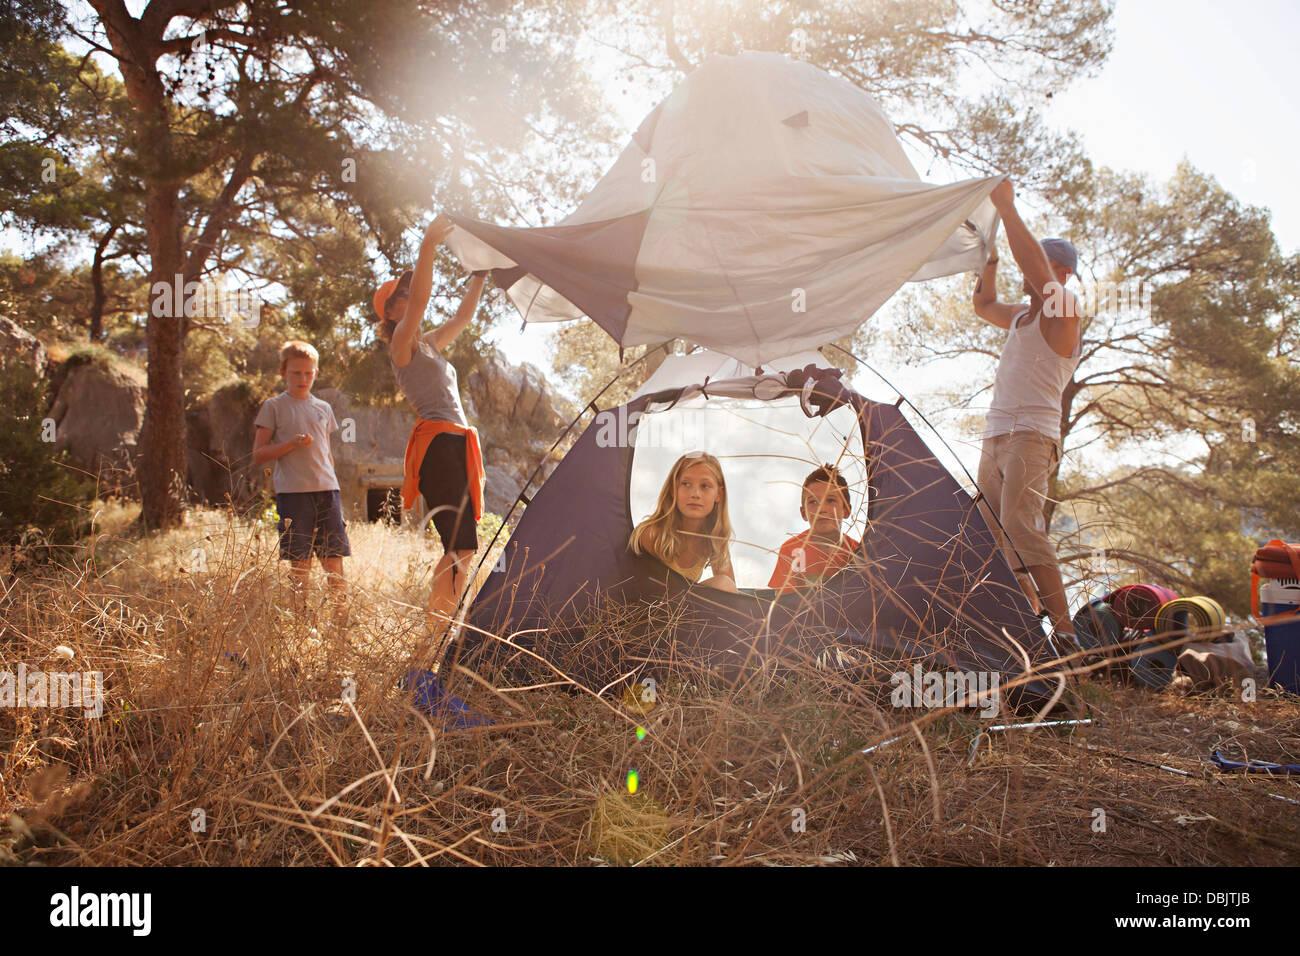 La Croatie, Dalmatie, vacances en famille sur le site de camping, la tente de tangage Photo Stock